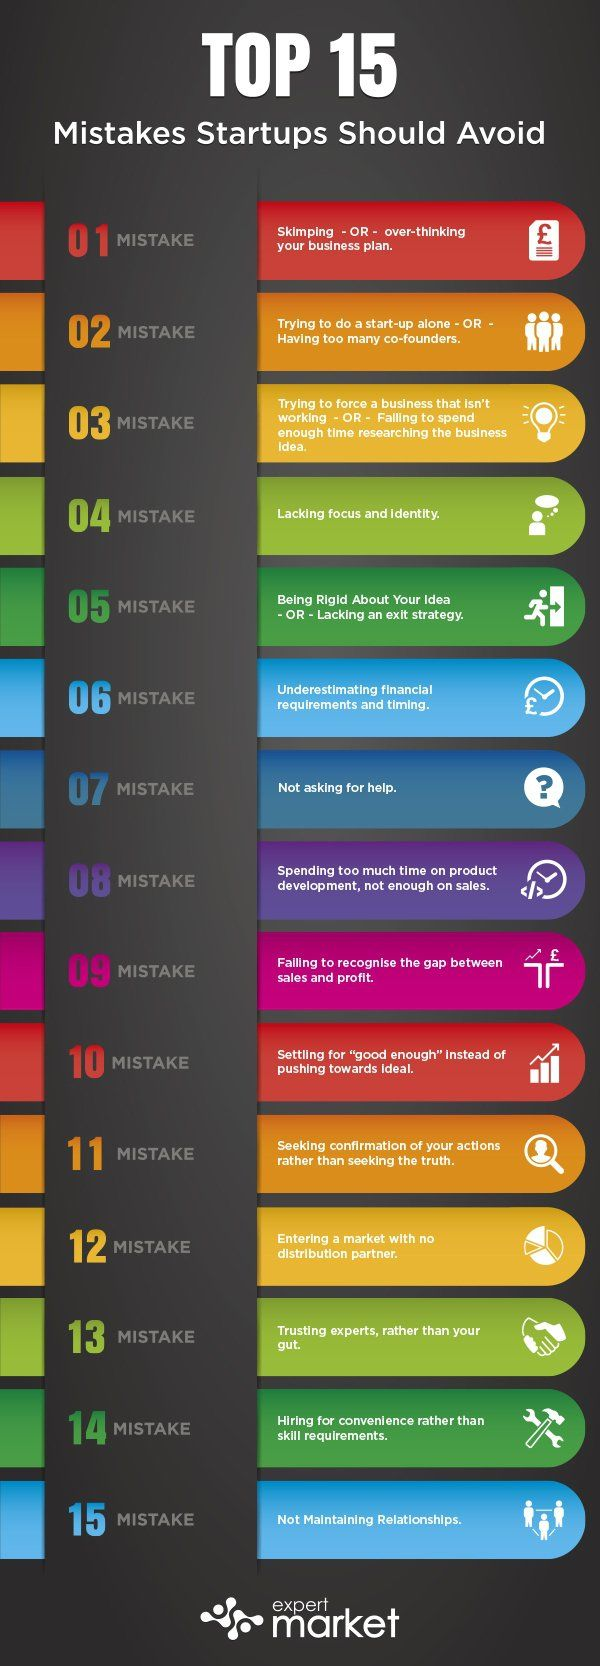 https://i.pinimg.com/736x/d4/c1/8b/d4c18b7a00dc1962071da7842e0de350--startup-business-ideas-business-infographics.jpg